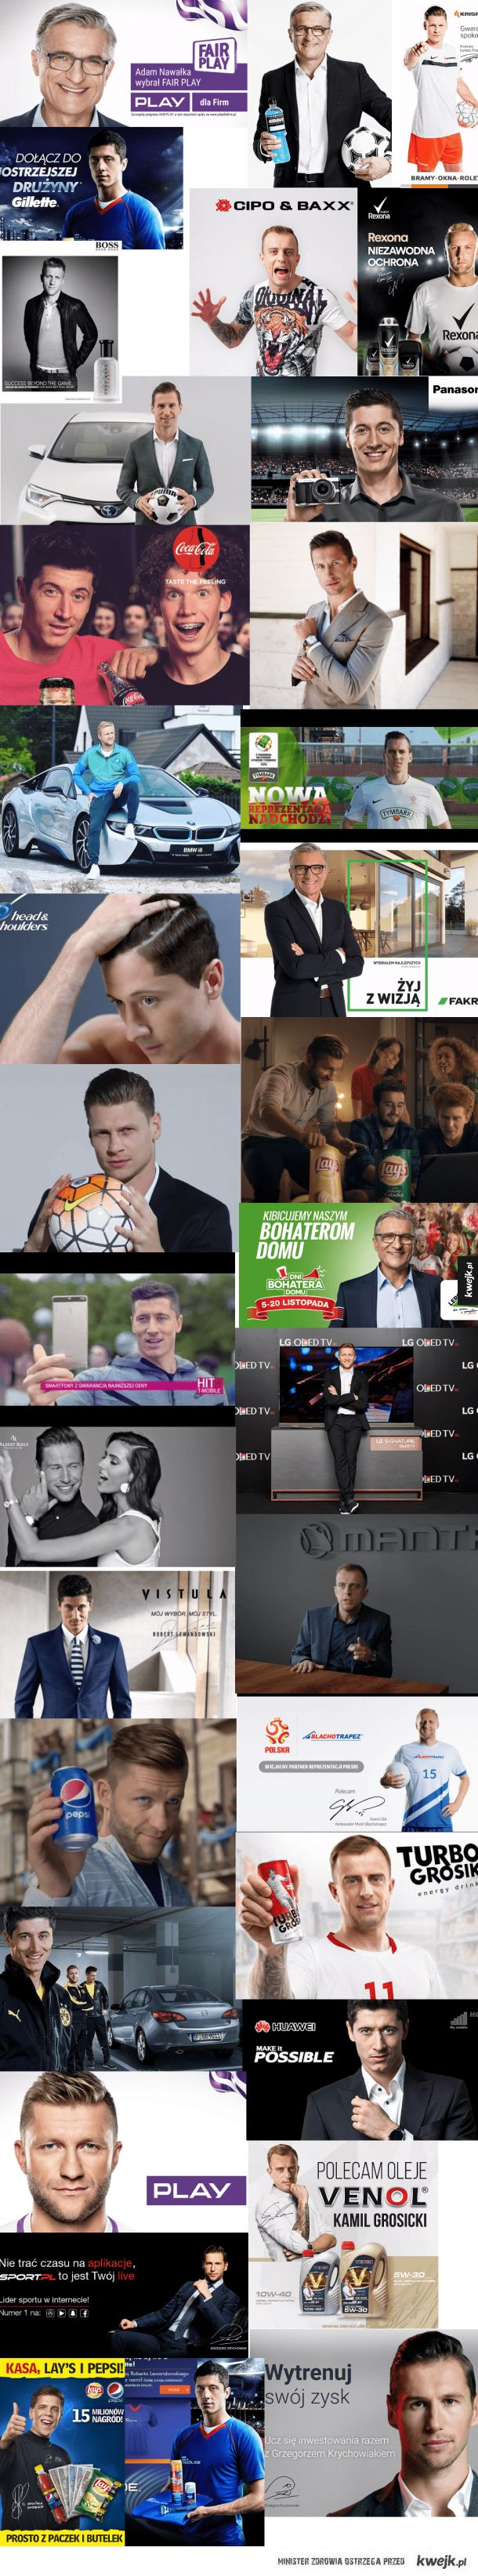 Może pomiędzy meczami z Senegalem i Kolumbią uda wam się nakręcić jeszcze kilka reklam?